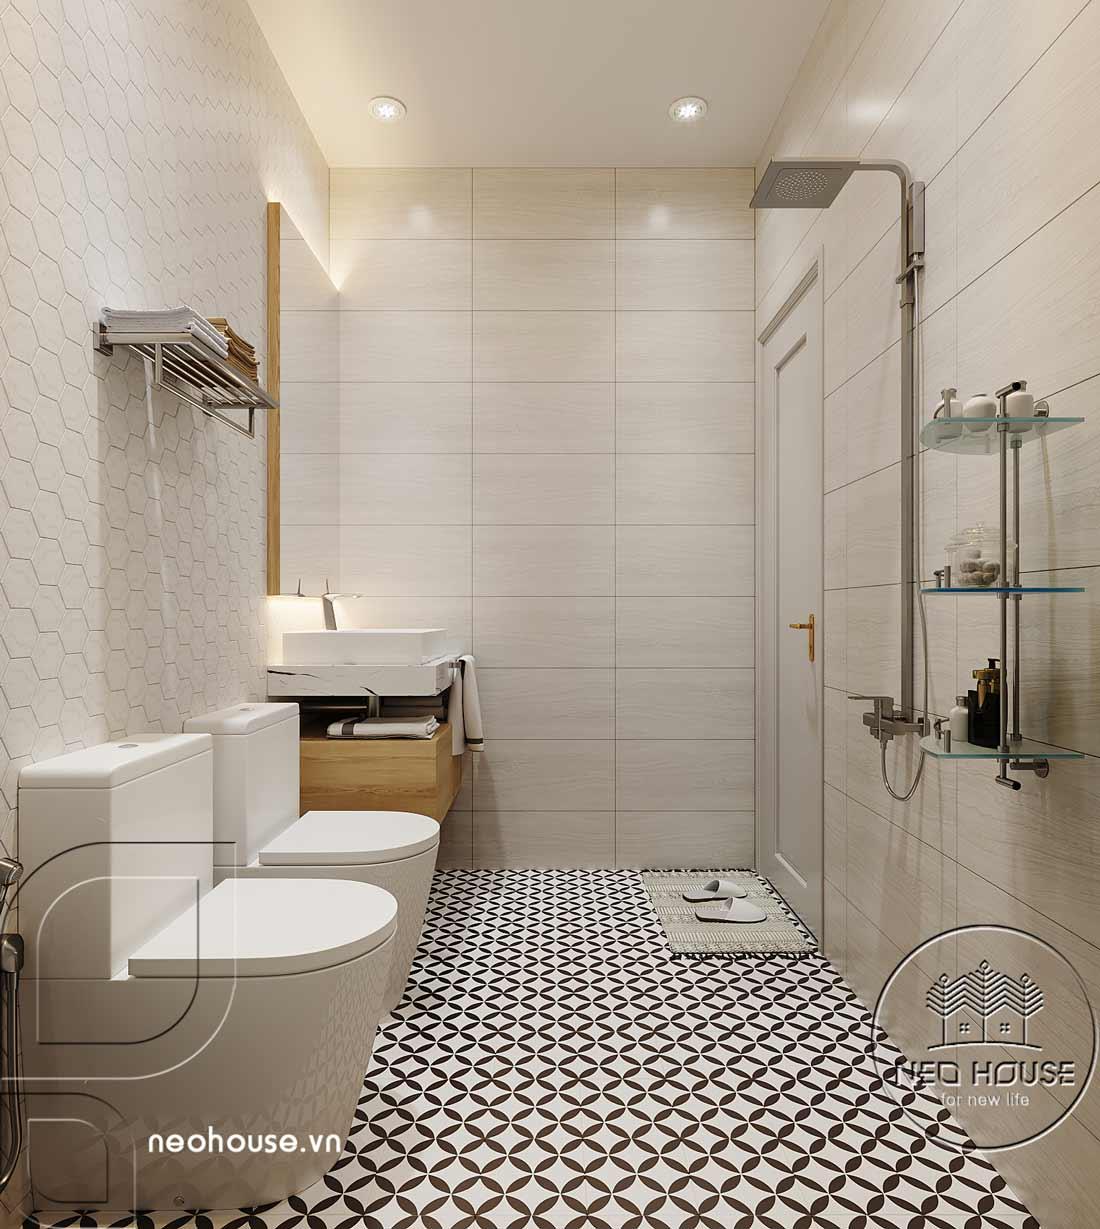 Thiết kế nội thất phòng vệ sinh biệt thự mái thái 2 tầng. Ảnh 1